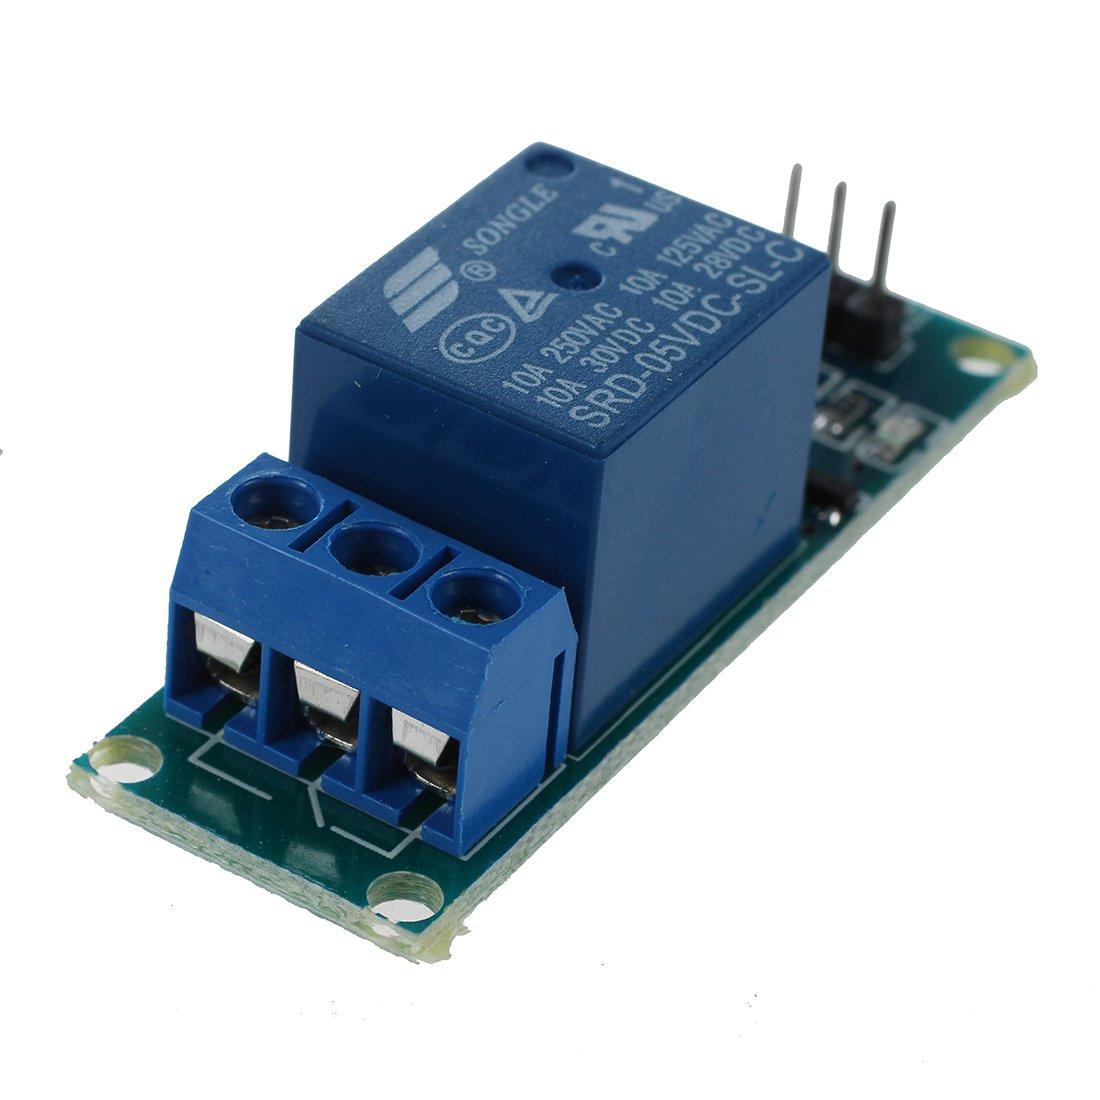 TOOGOO 2 Kanal 5V Relay Relais Module Modul fuer Arduino Special Sensor Shield V4.0 R